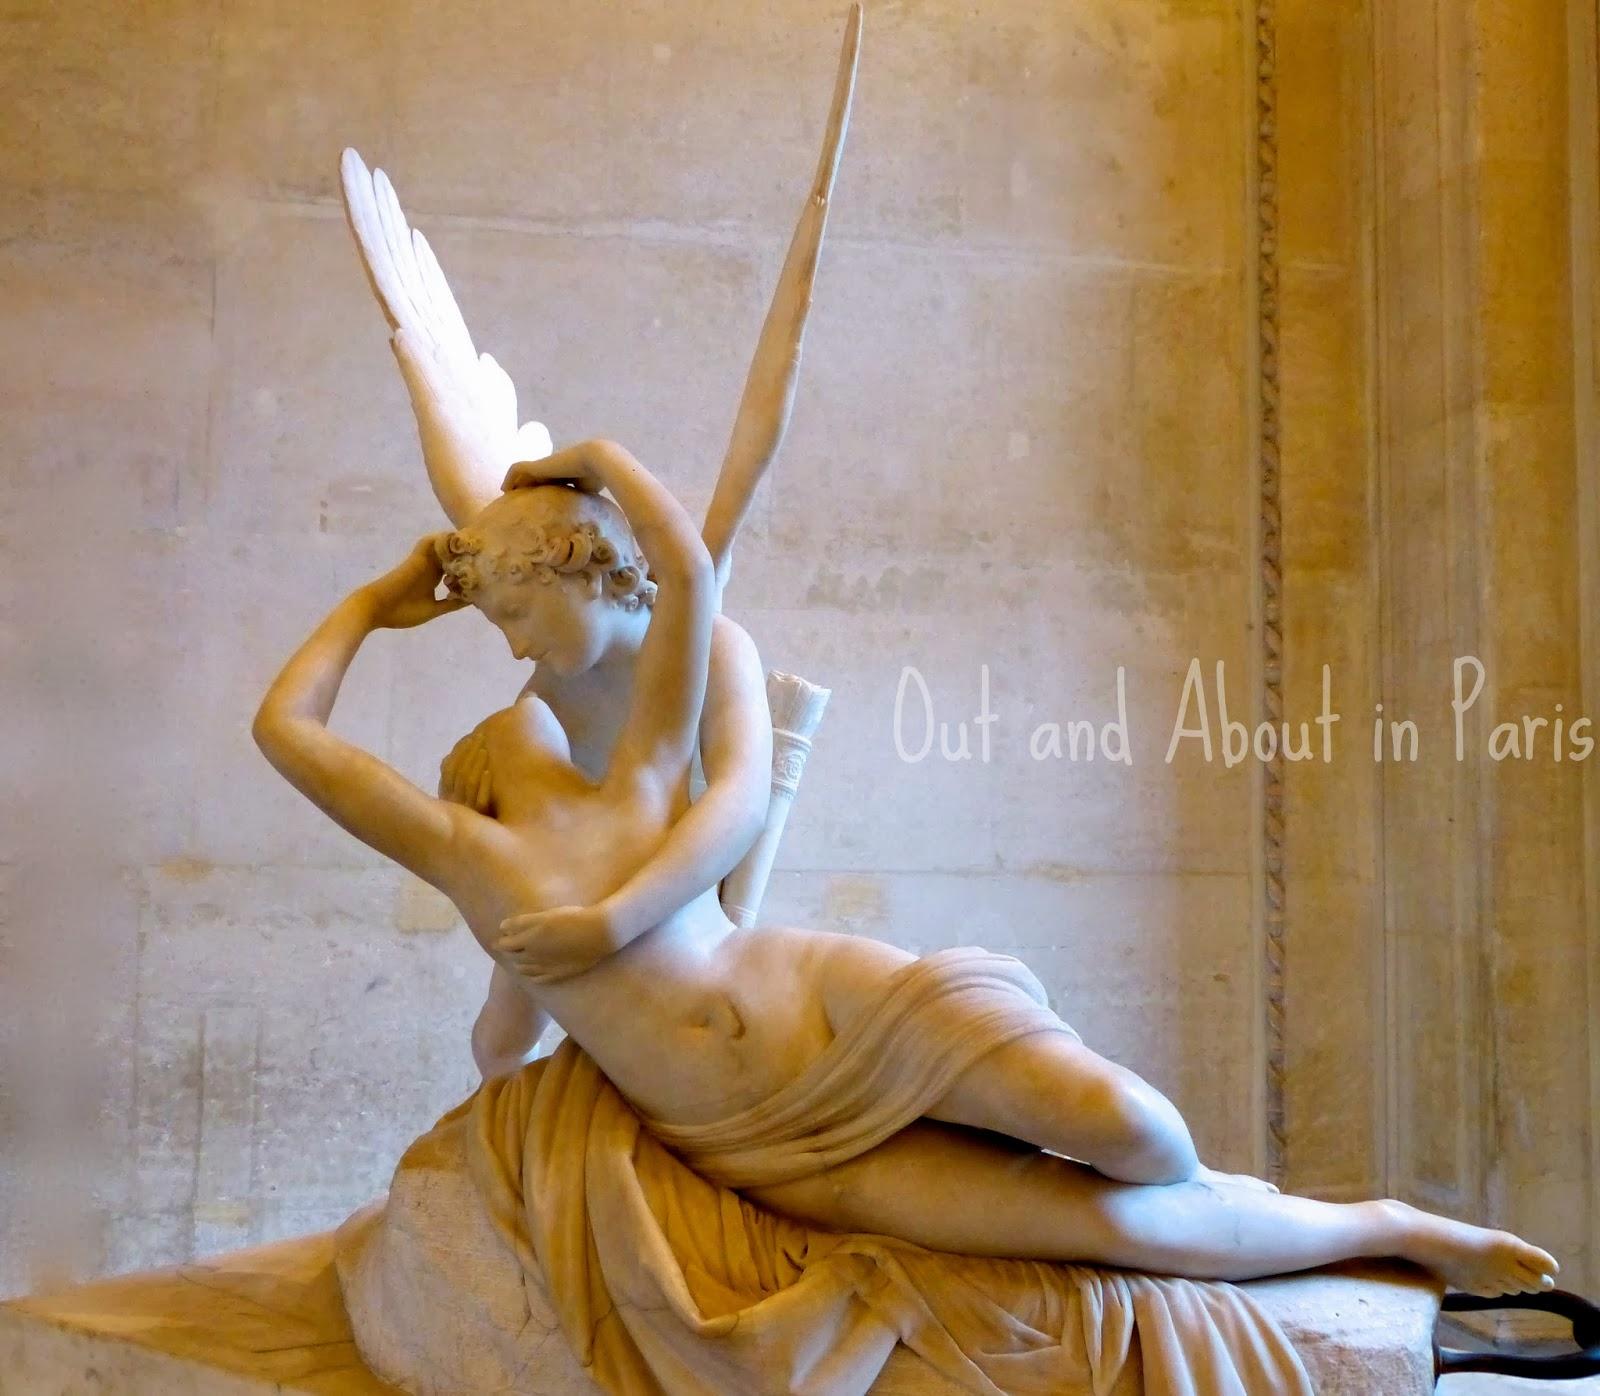 Sculpteur Peintre Et Poete Francais roses, love and flashmobs - valentine's day in paris, the